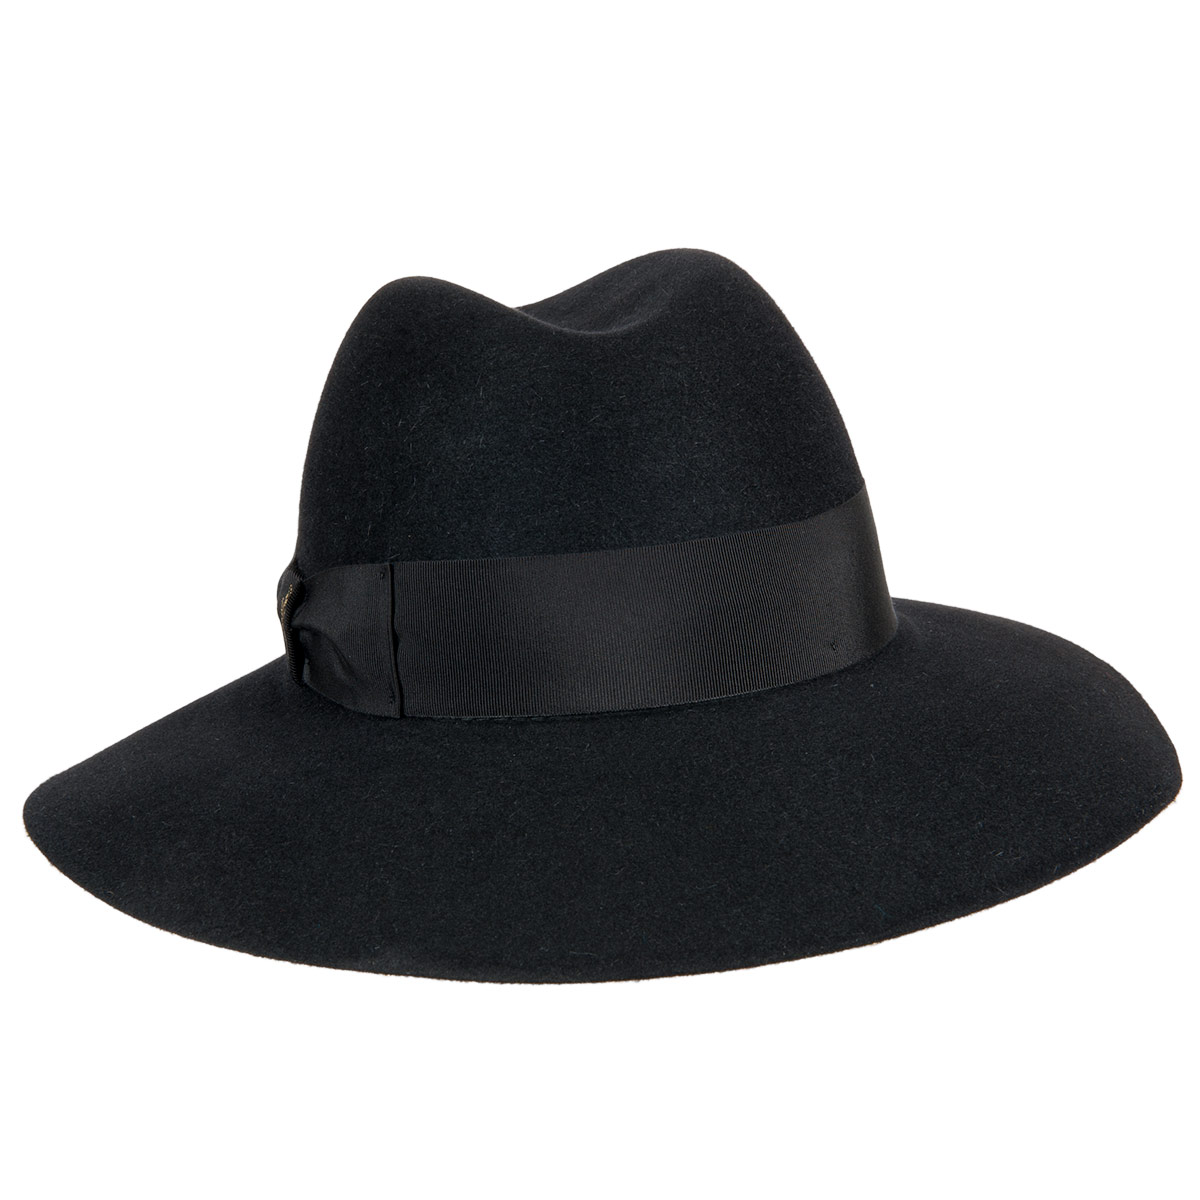 ... cappello da donna Claudette con tesa larga firmato BORSALINO ... b264eb272b0d